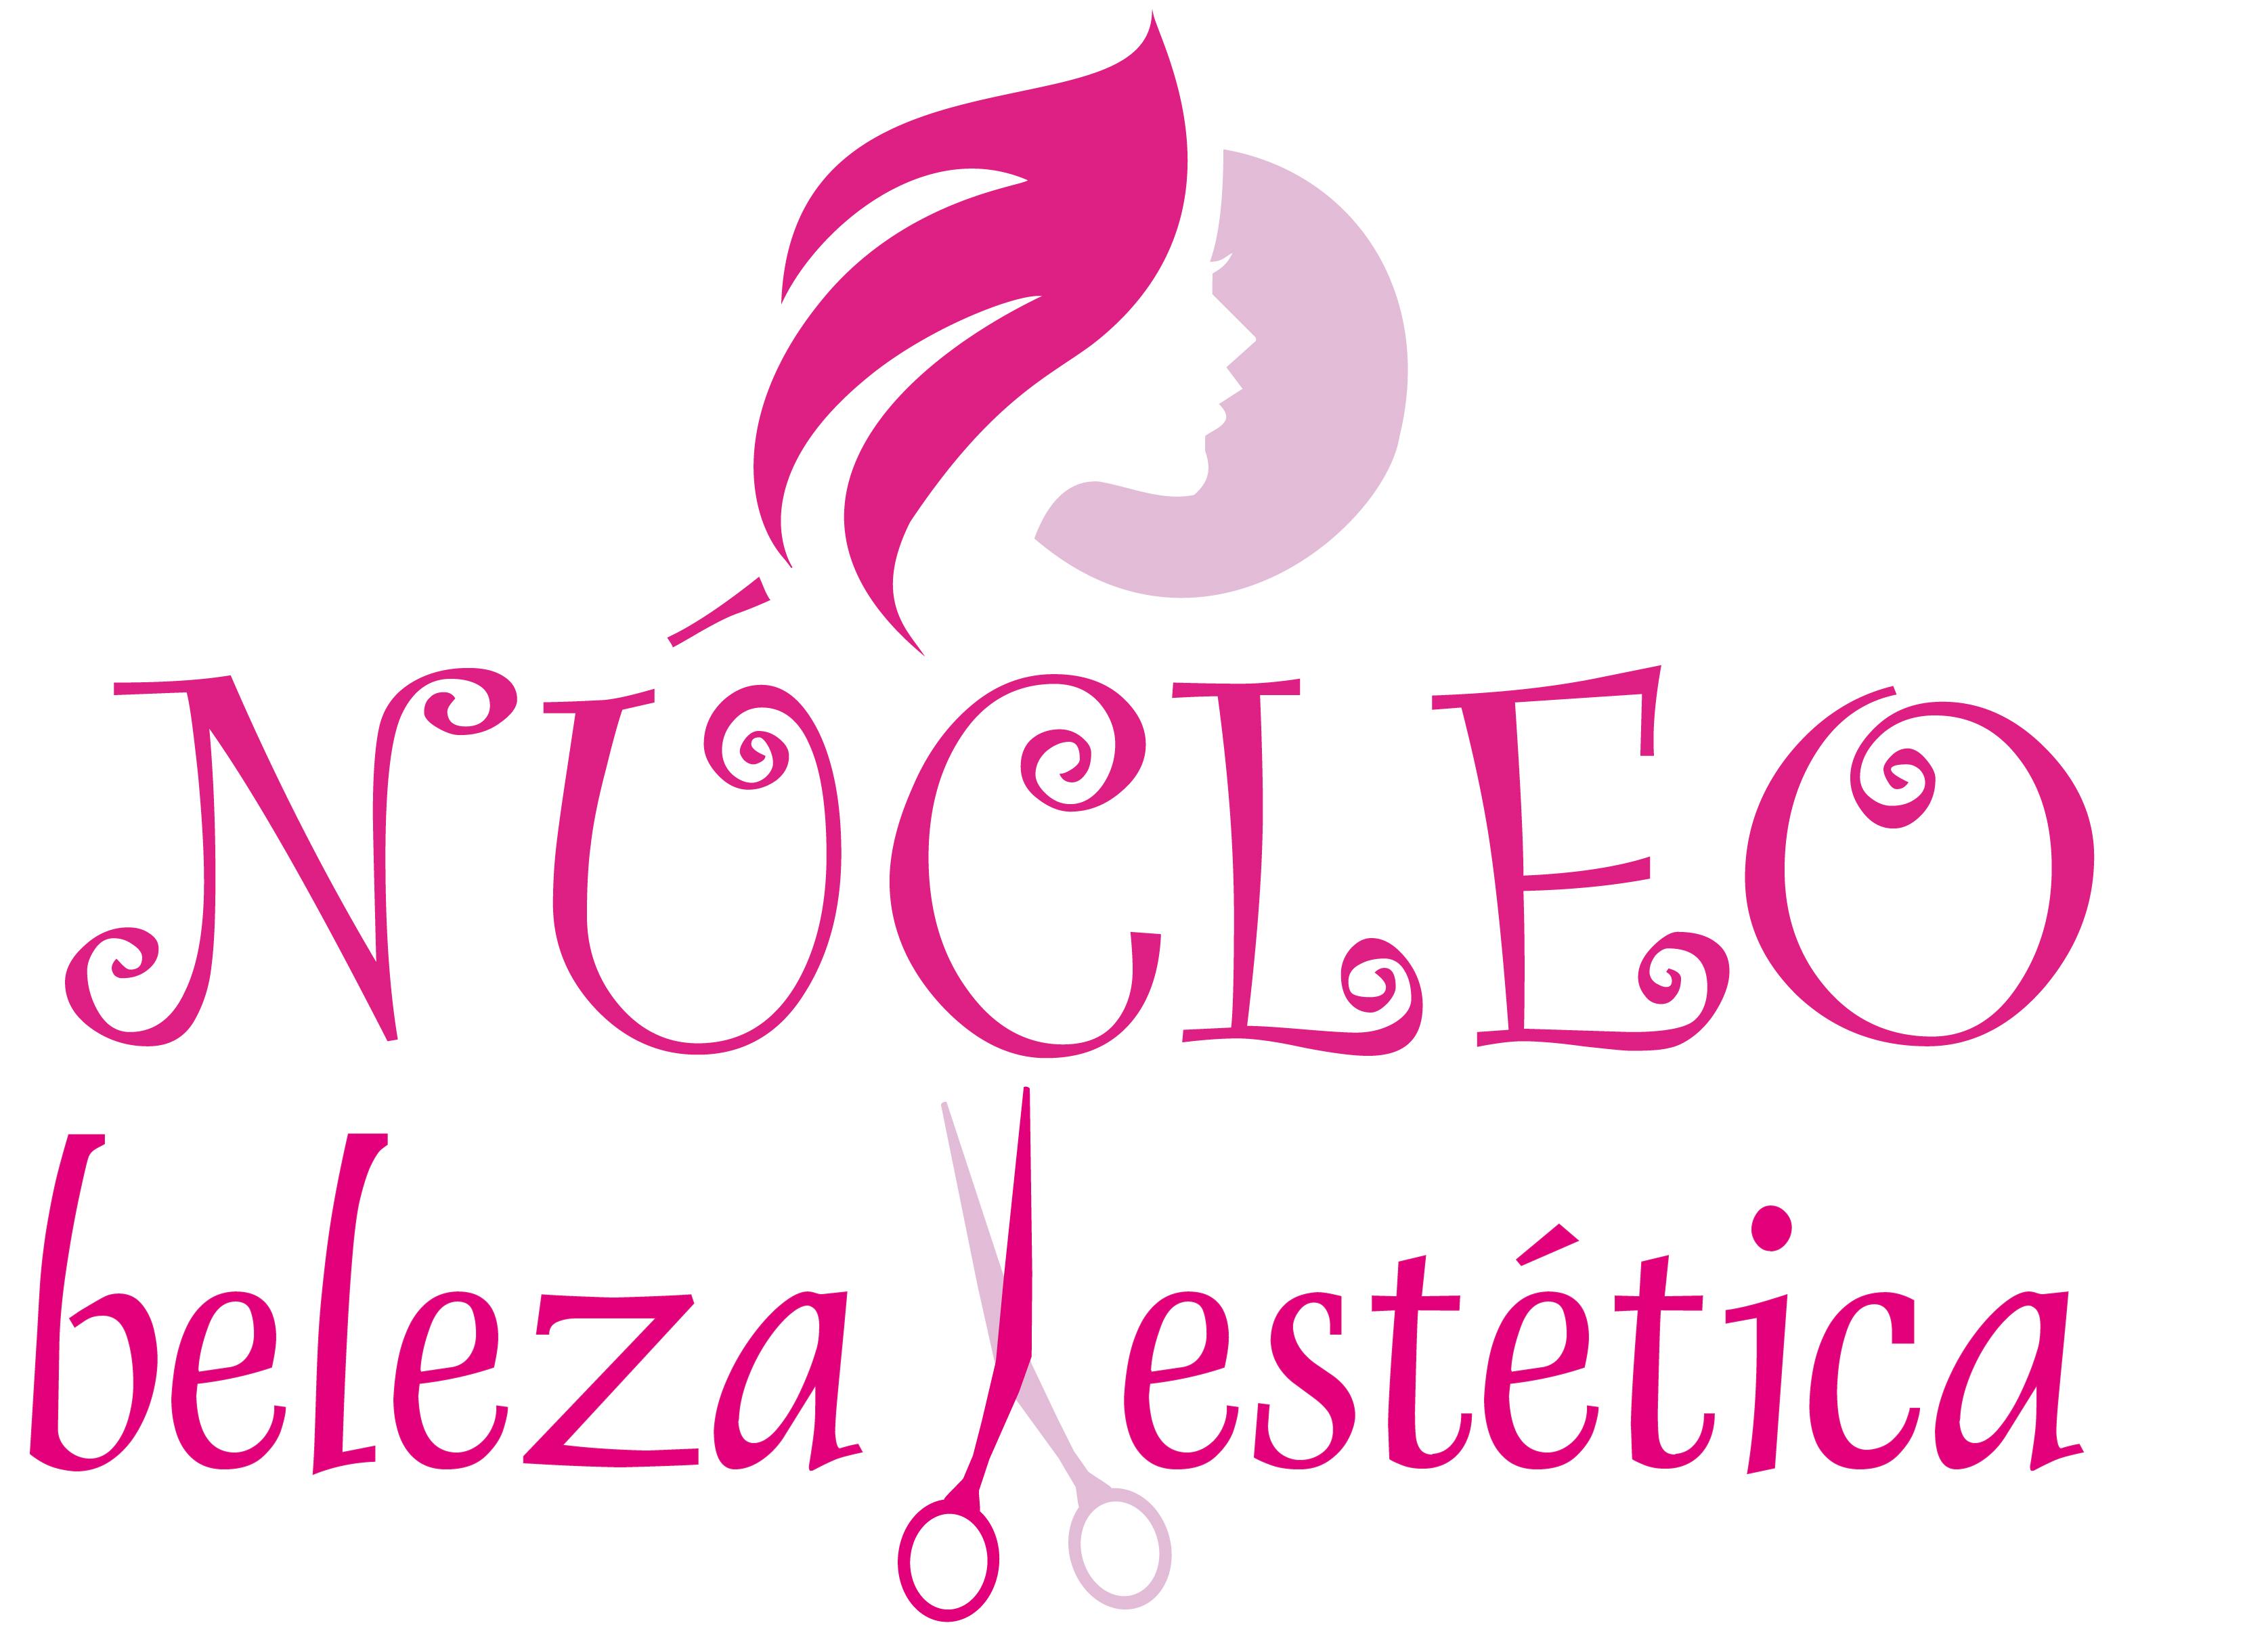 logotipo nucleo beleza e estetica.jpg